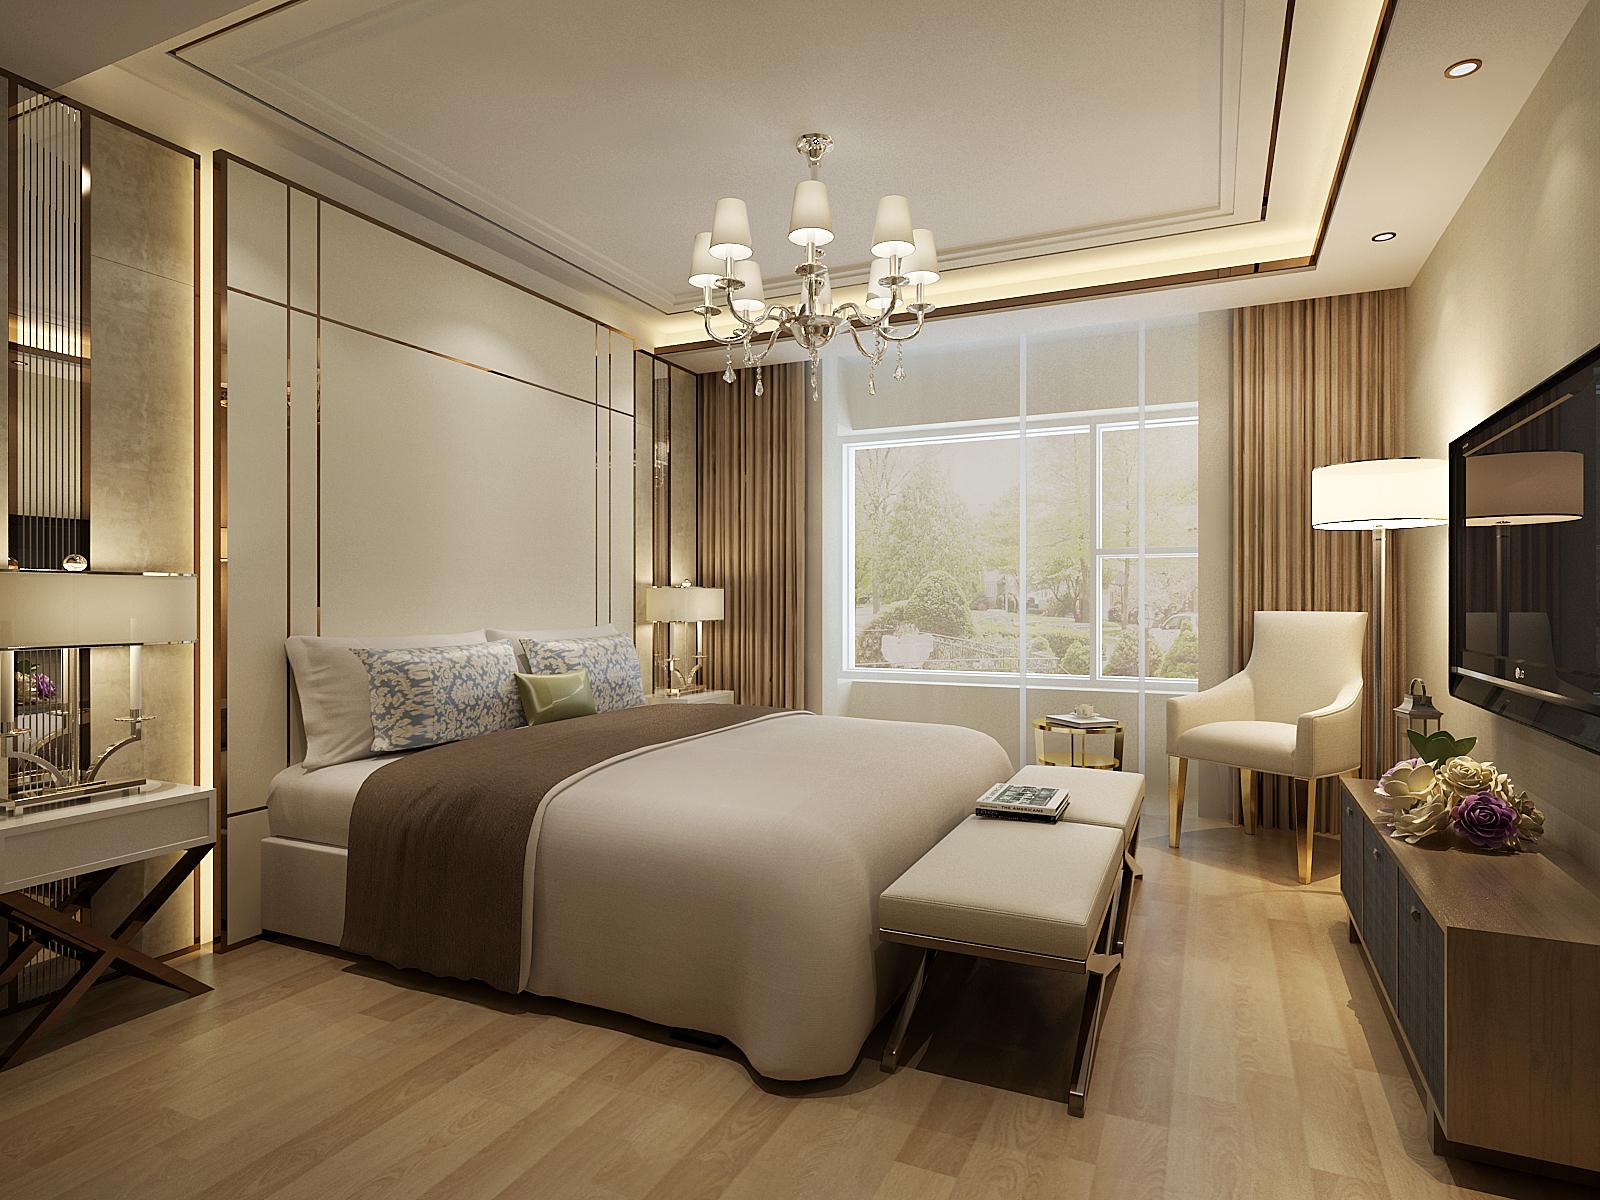 卧室图片来自北京业之峰装饰王宏哲在时尚奢华的后现代风格的分享